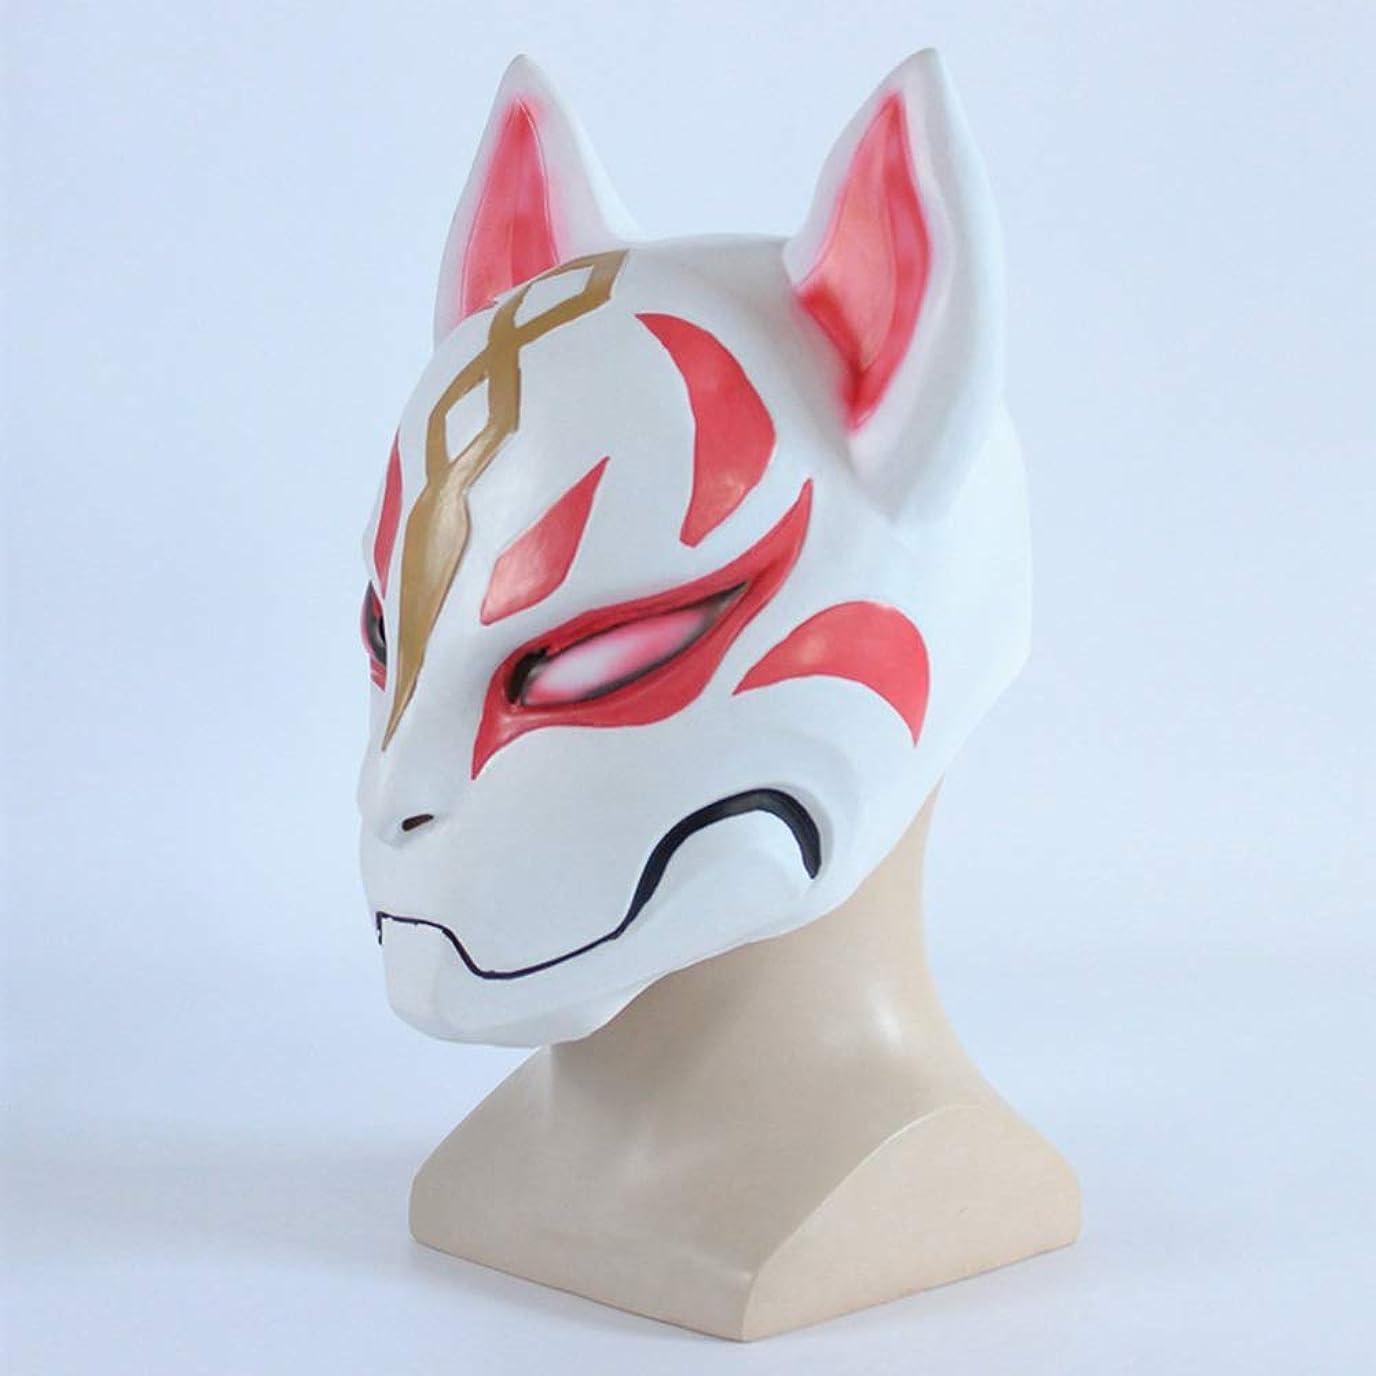 愛国的なロッジ路地ハロウィーンホラーマスク、偽フォックスヘッドマスク、創造的な面白い Vizard マスク、パーティー仮装ラテックスマスク